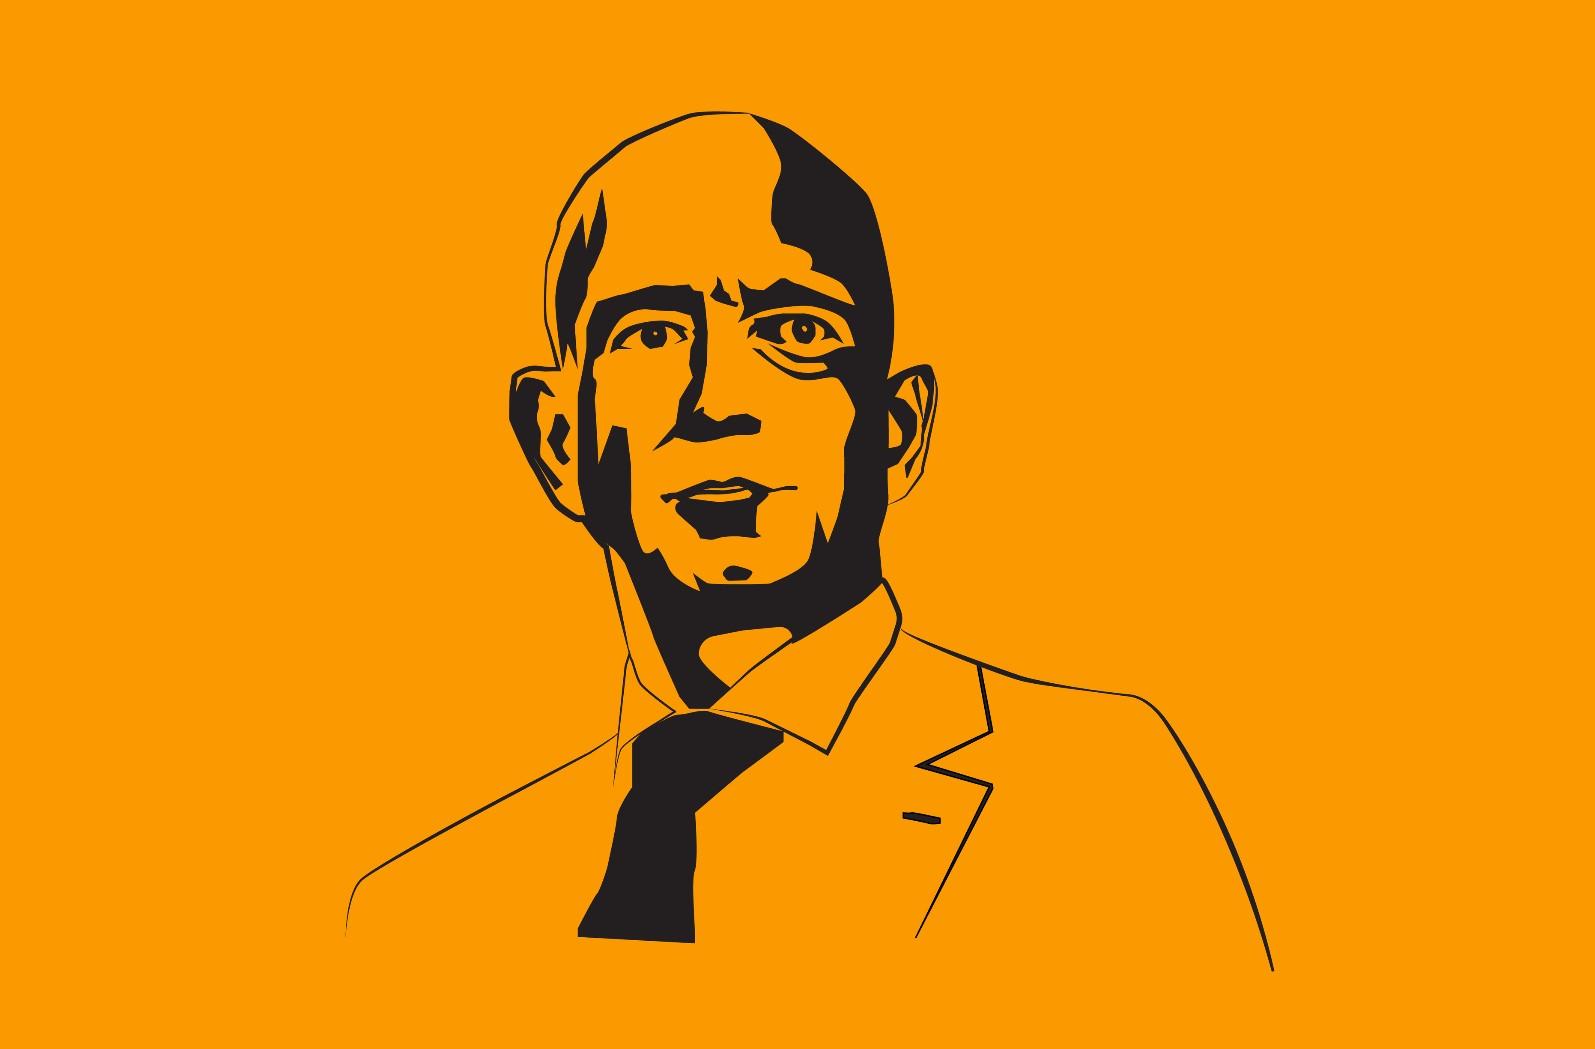 3 preguntas que te debes hacer antes de contratar a alguien (cortesía de Jeff Bezos)